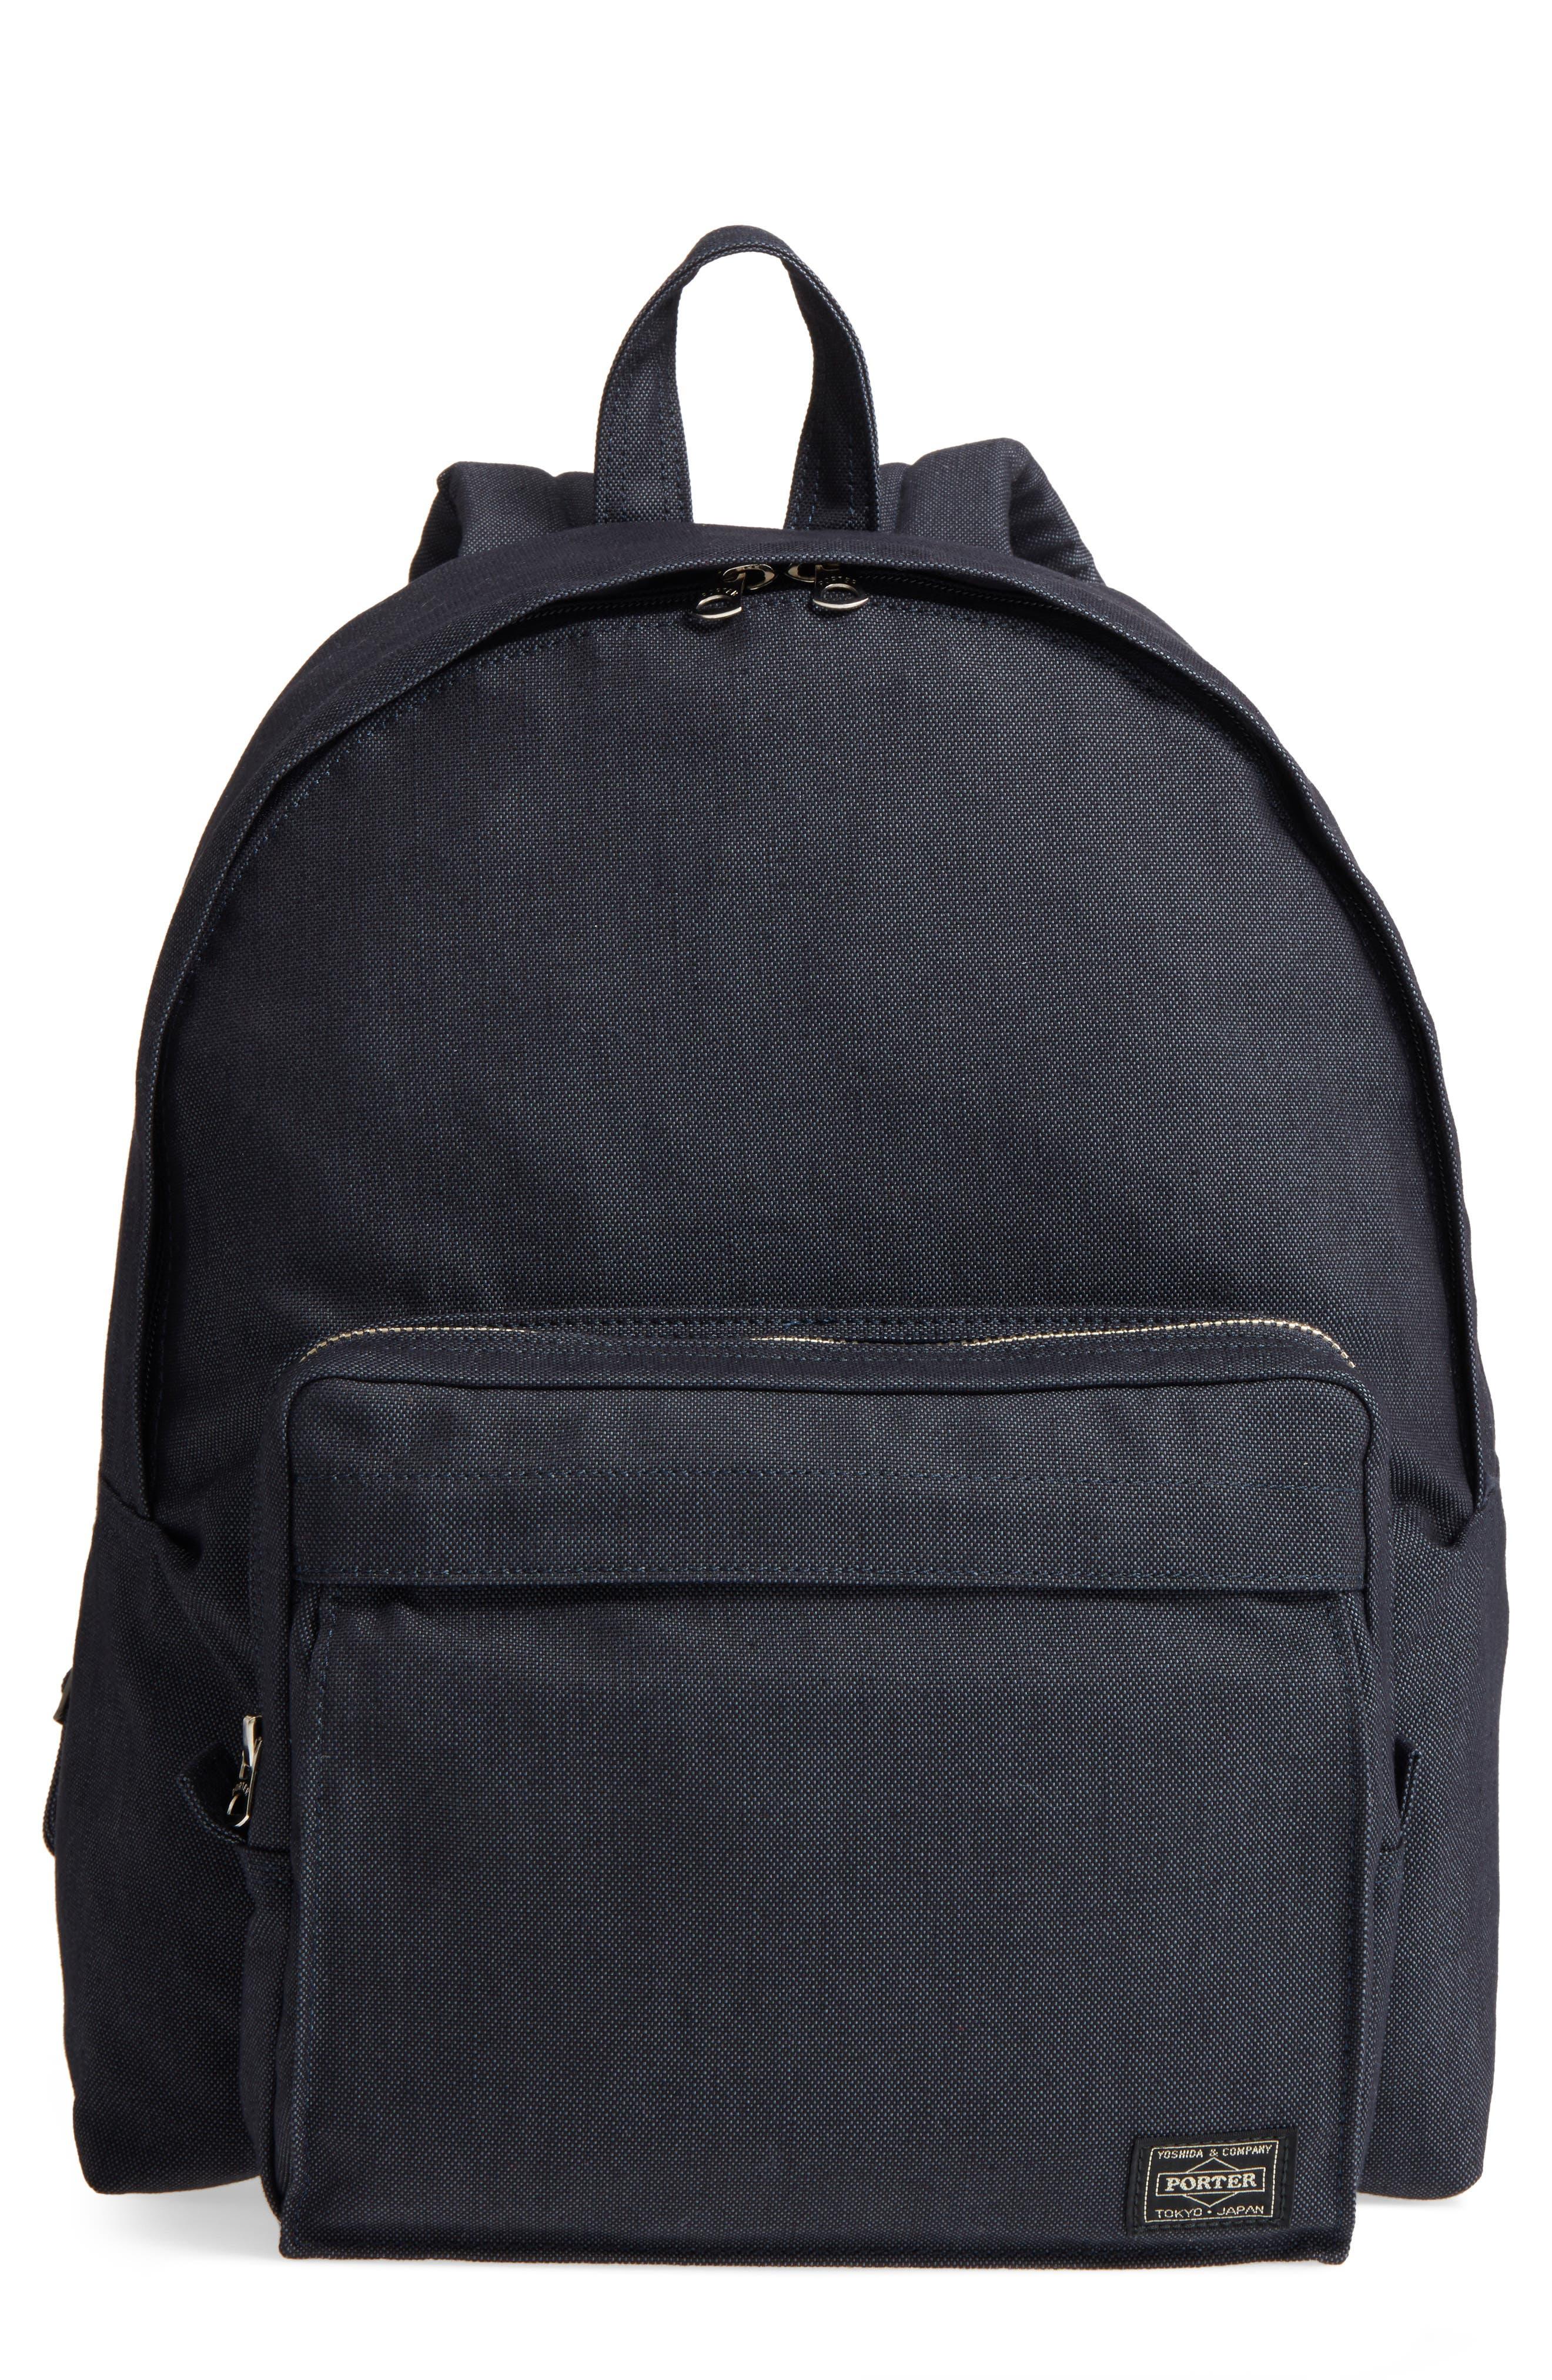 Porter-Yoshida & Co. Smoky Backpack,                         Main,                         color, 400